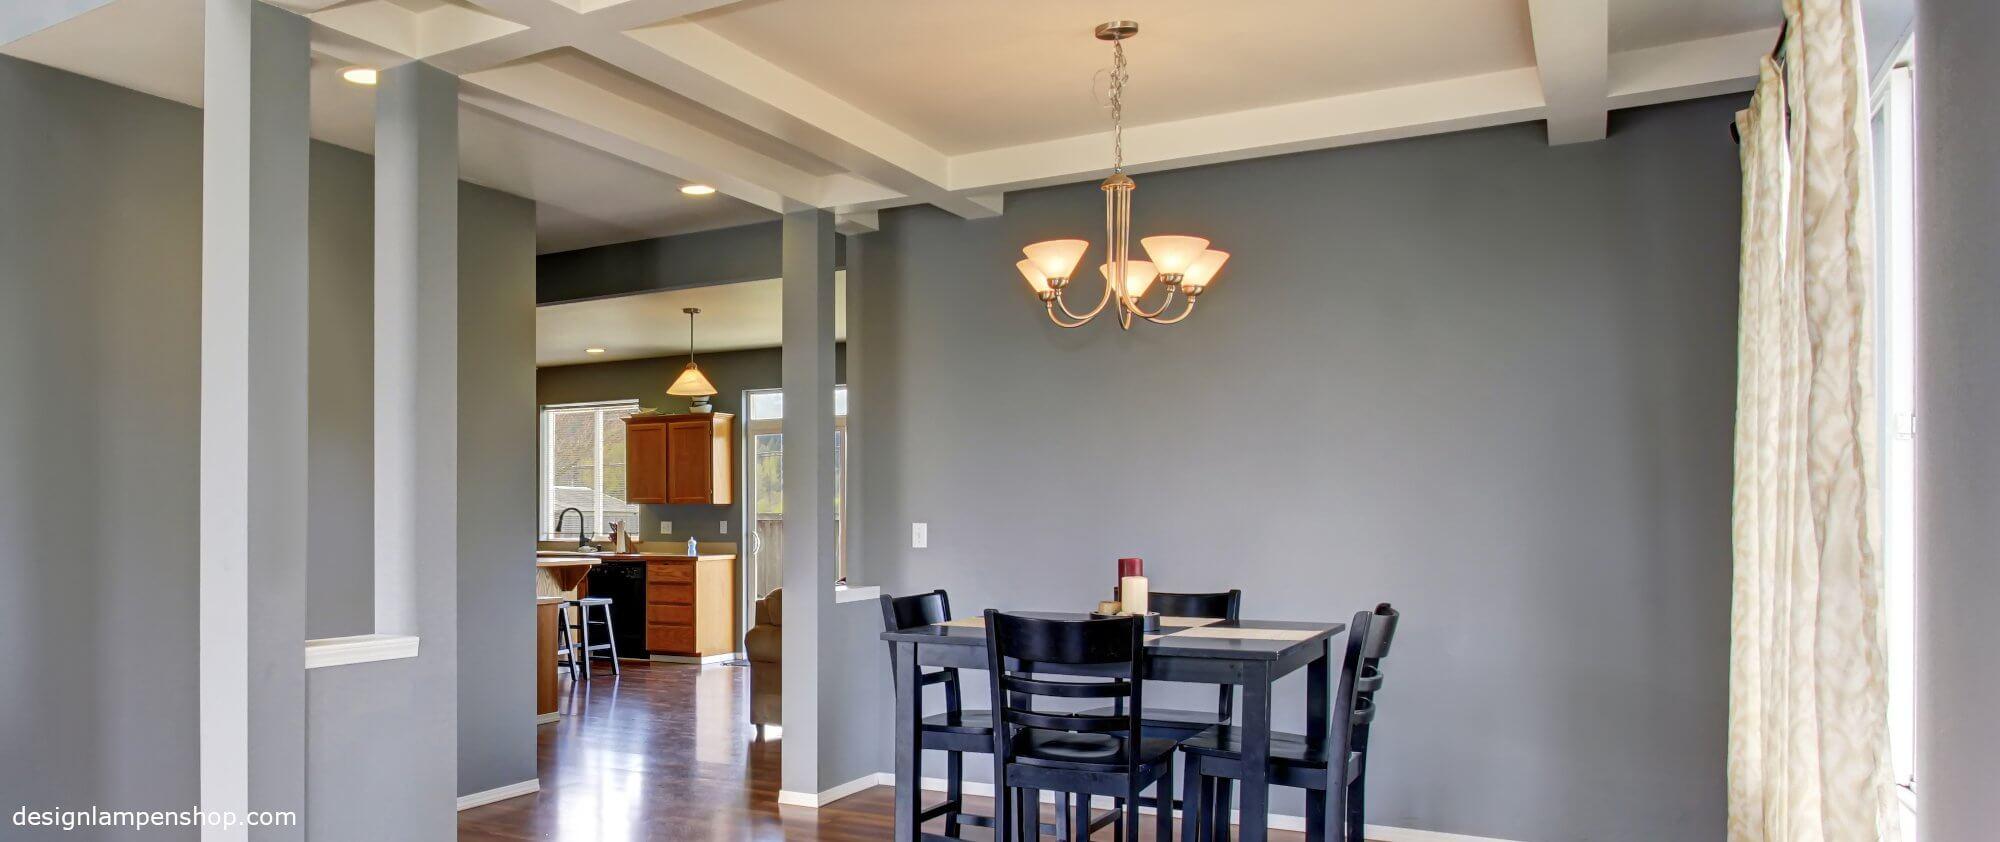 Unterschiedliche Deckenlampen in Wohnung